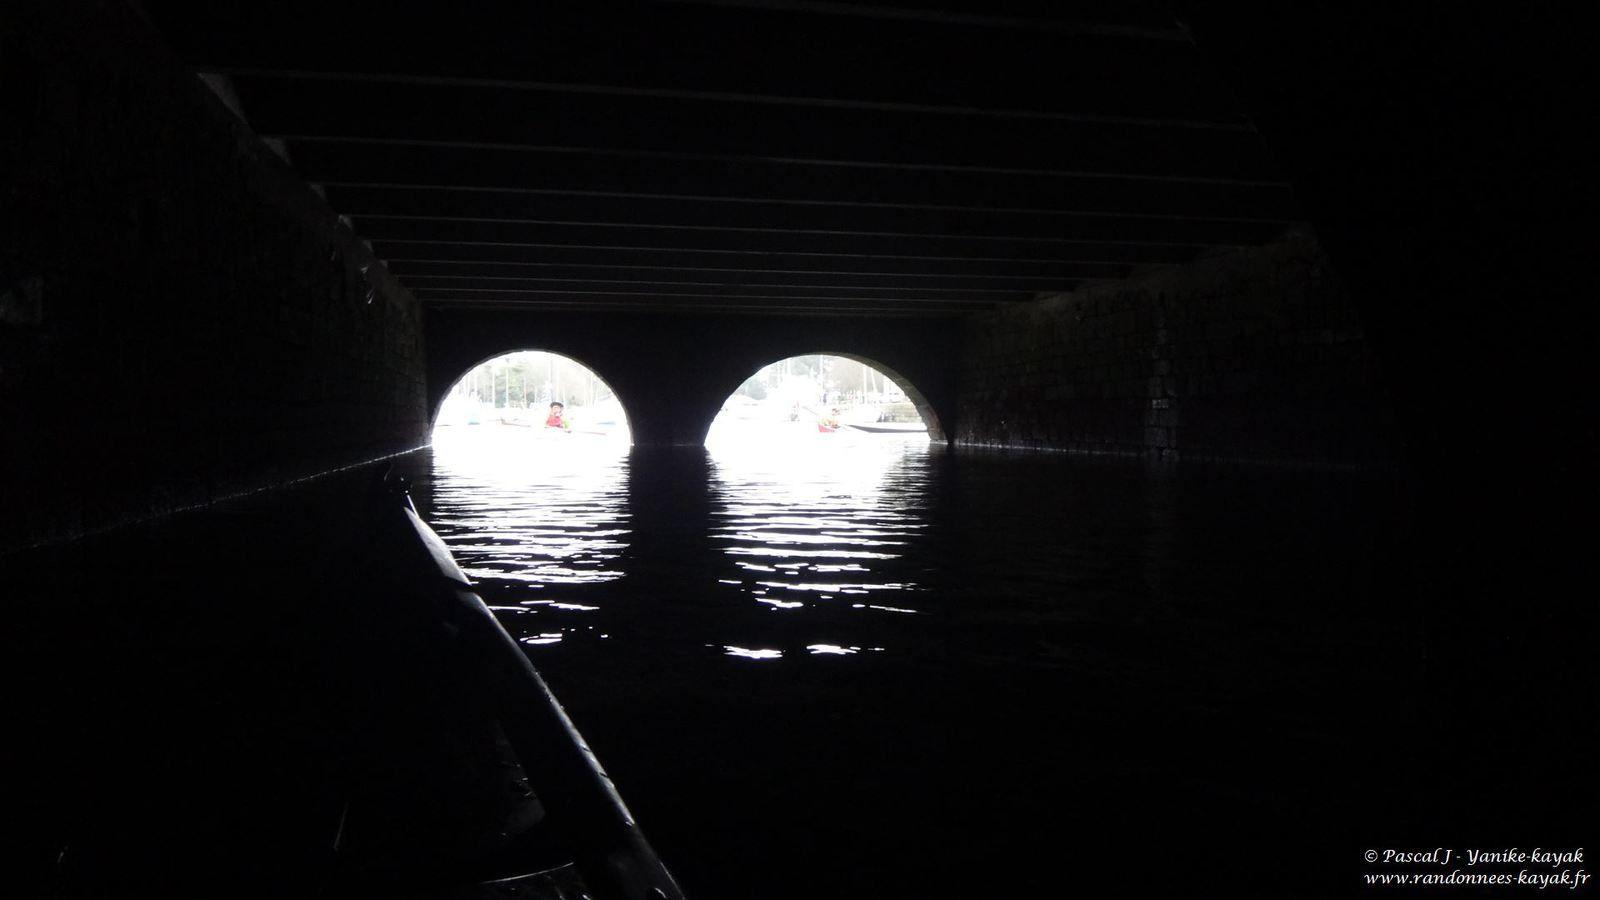 Rivière de Pont-l'Abbé : dans les entrailles du pont habité